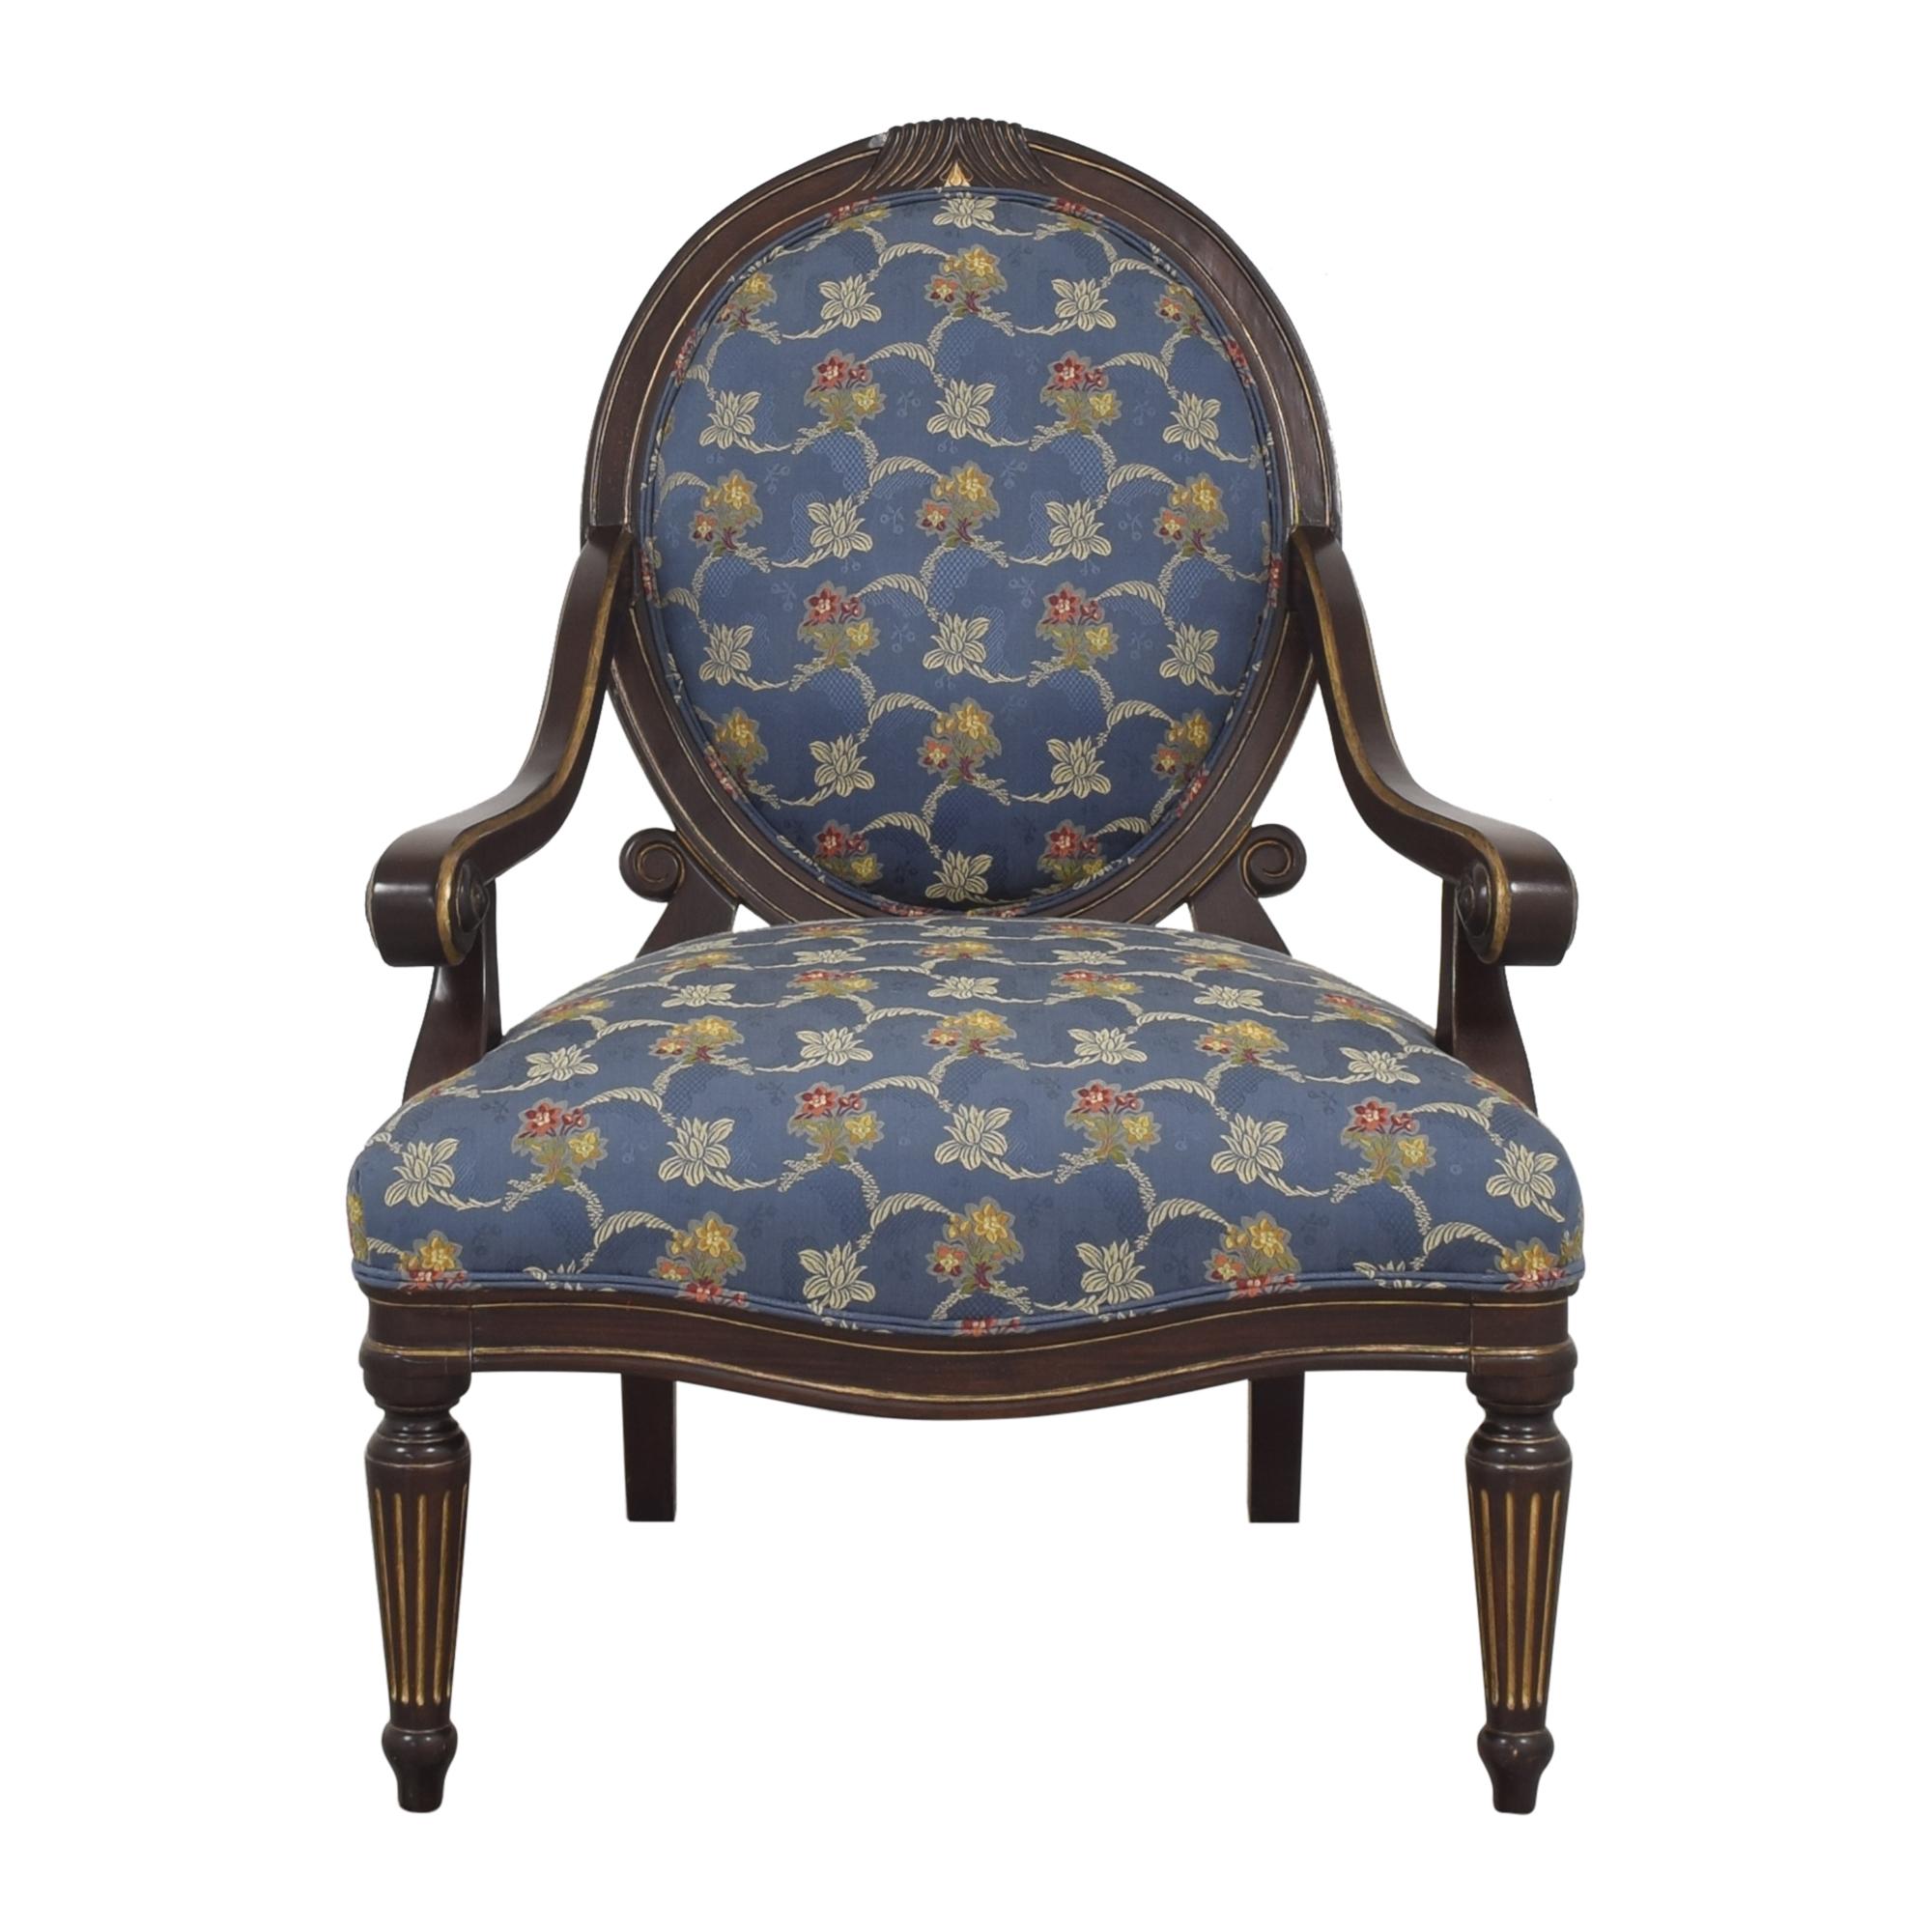 Bernhardt Bernhardt Louis XVI Accent Chair second hand